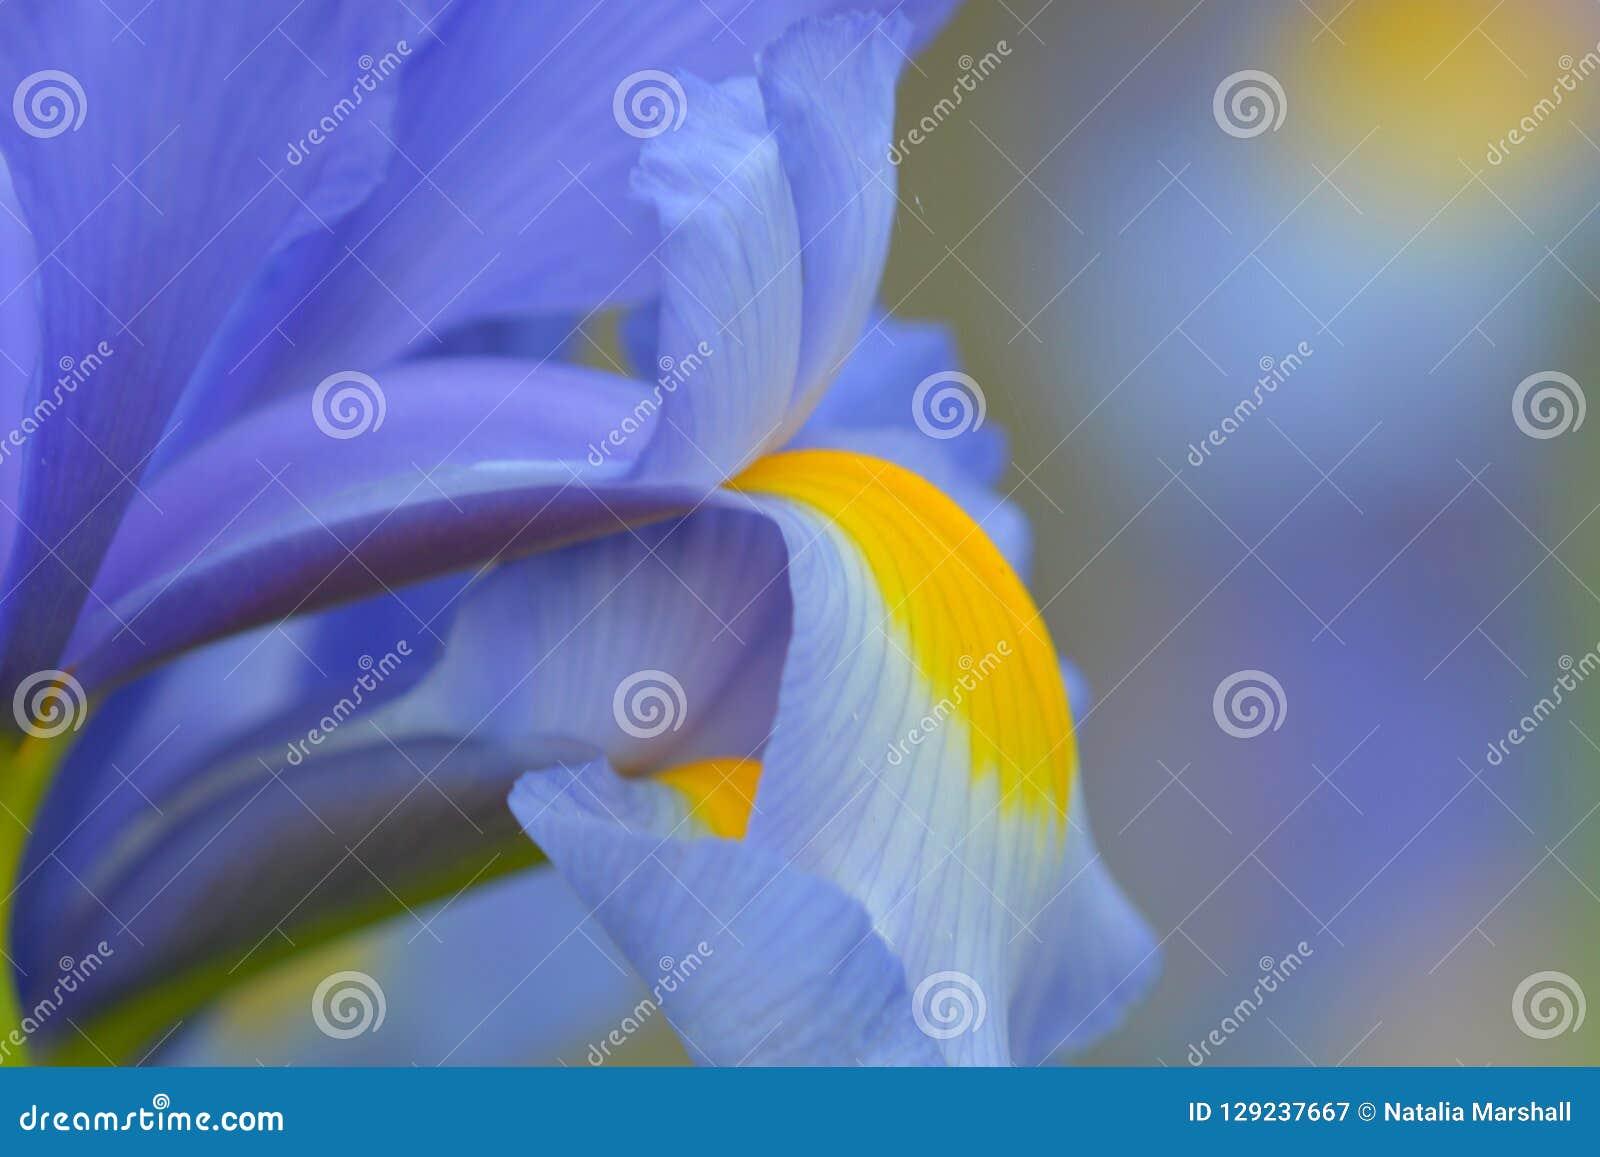 Sluit omhoog foto van een blauwe irisbloem